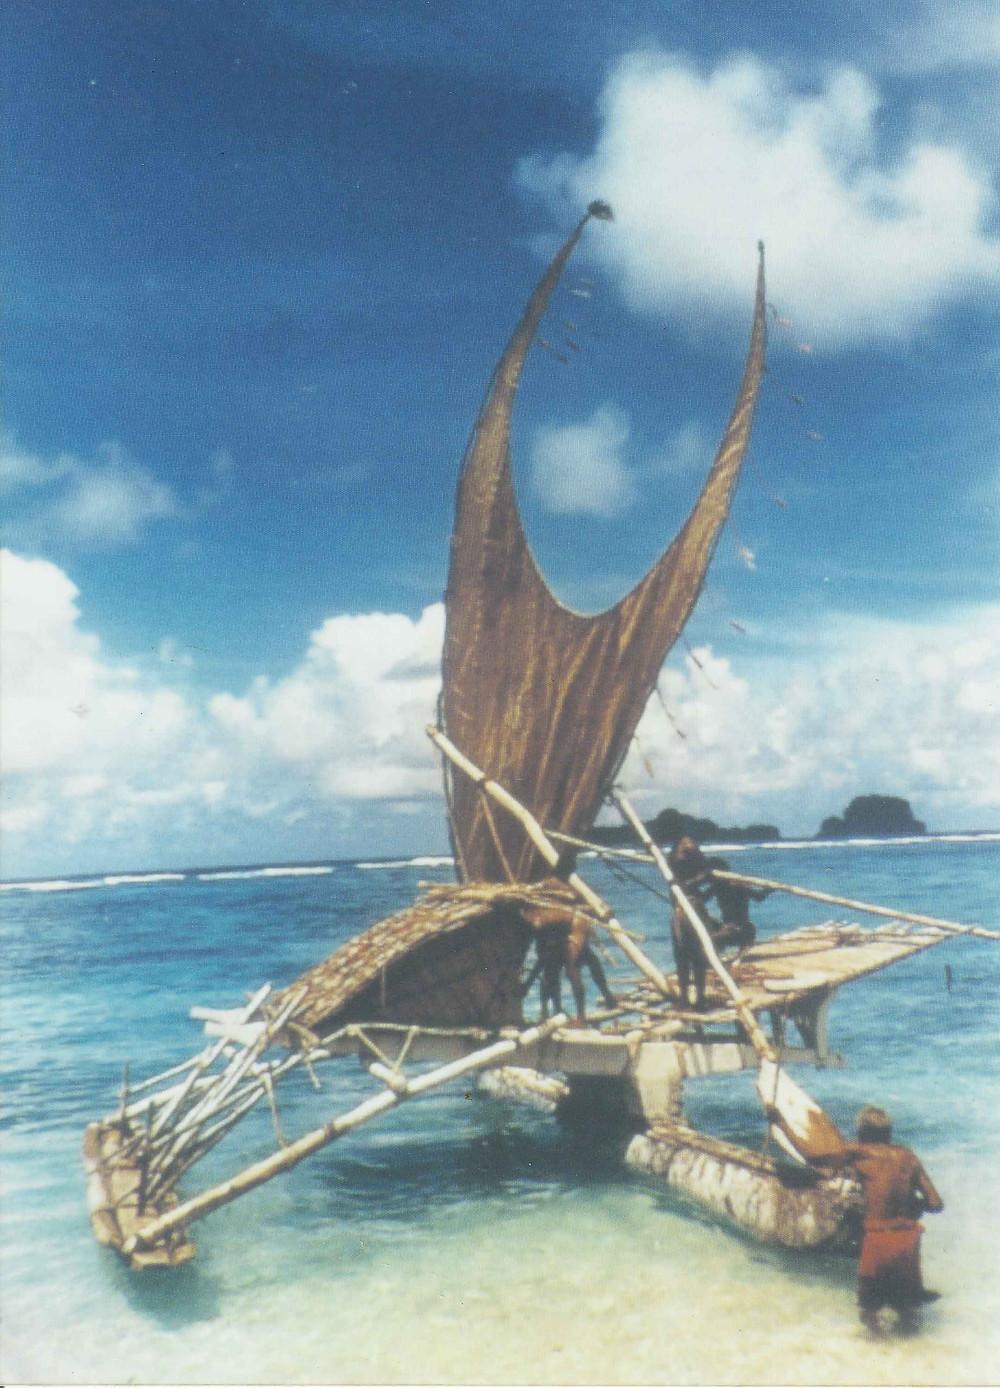 Kaveia teaching how to rig Te Puke 2002